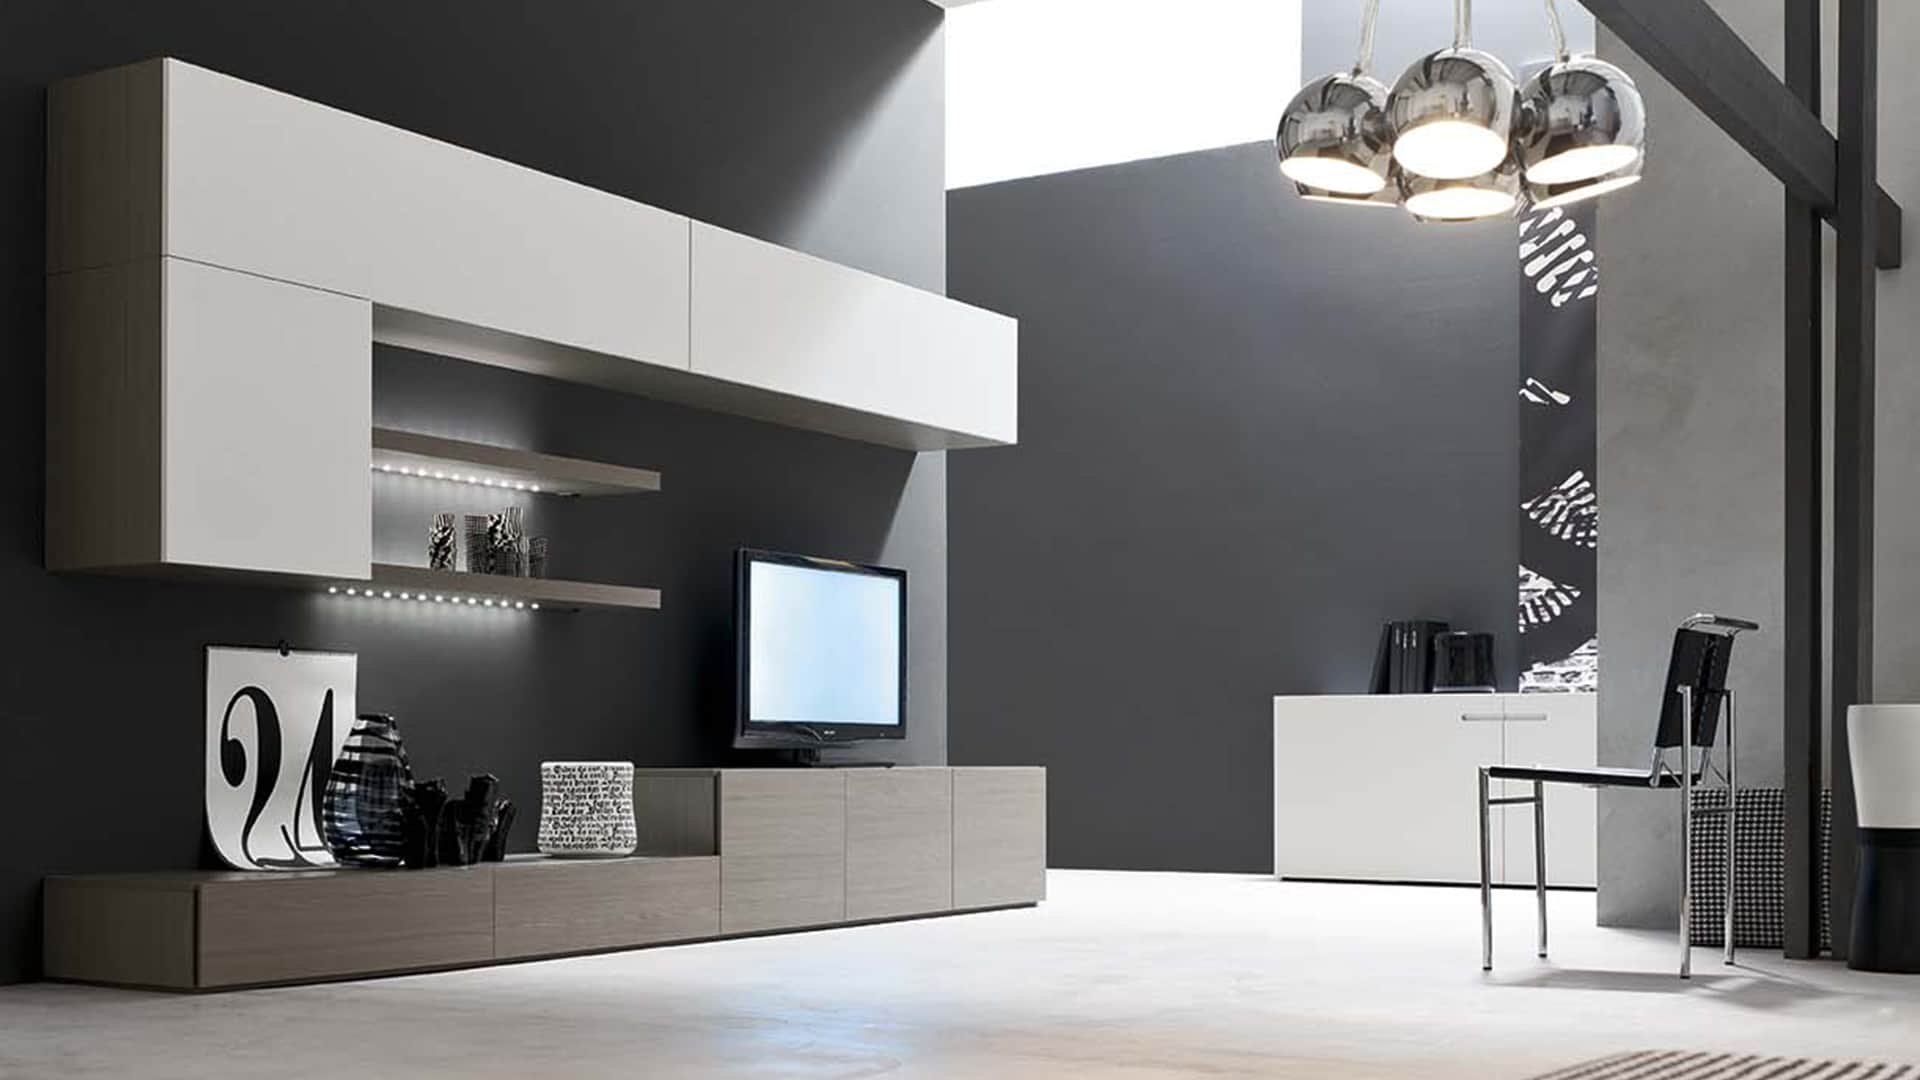 Vendita di mobili per soggiorno a padova mobili da for Mobile sala design